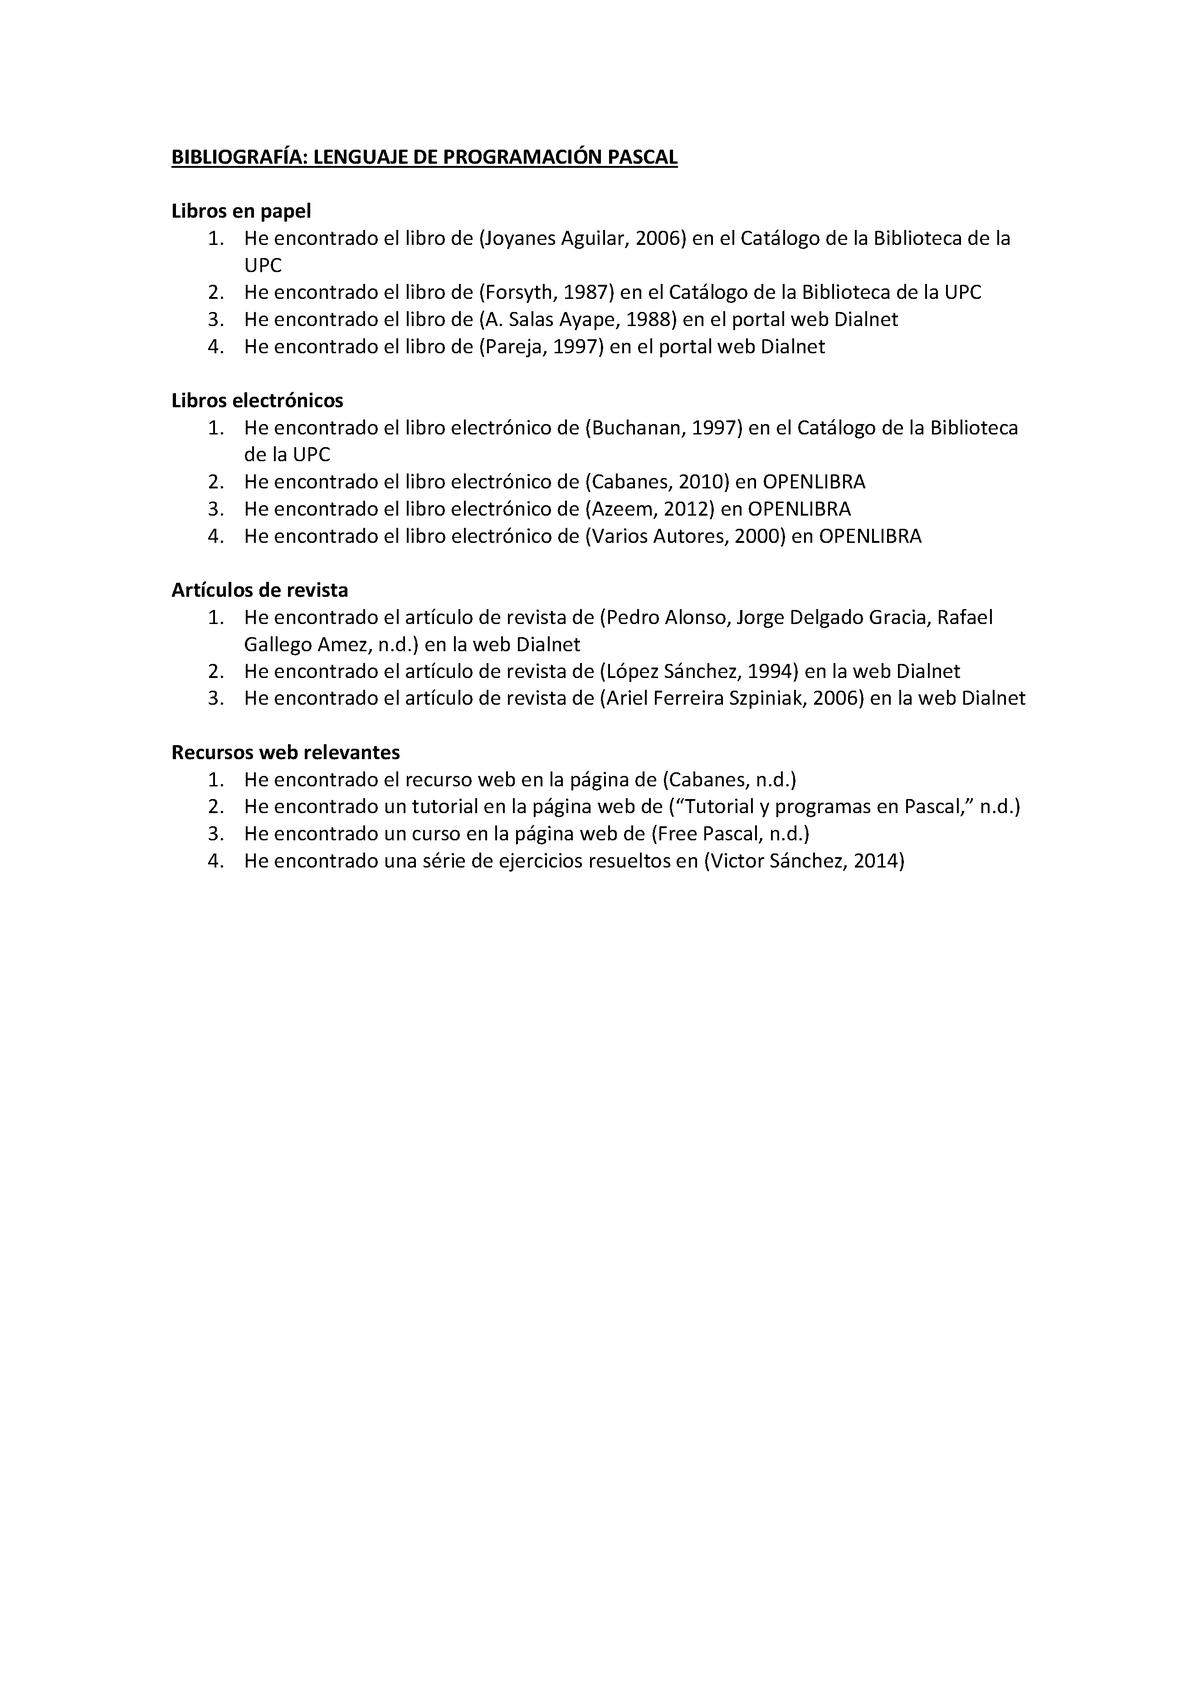 Bibliografia Pascal - 820006: Informática - StuDocu